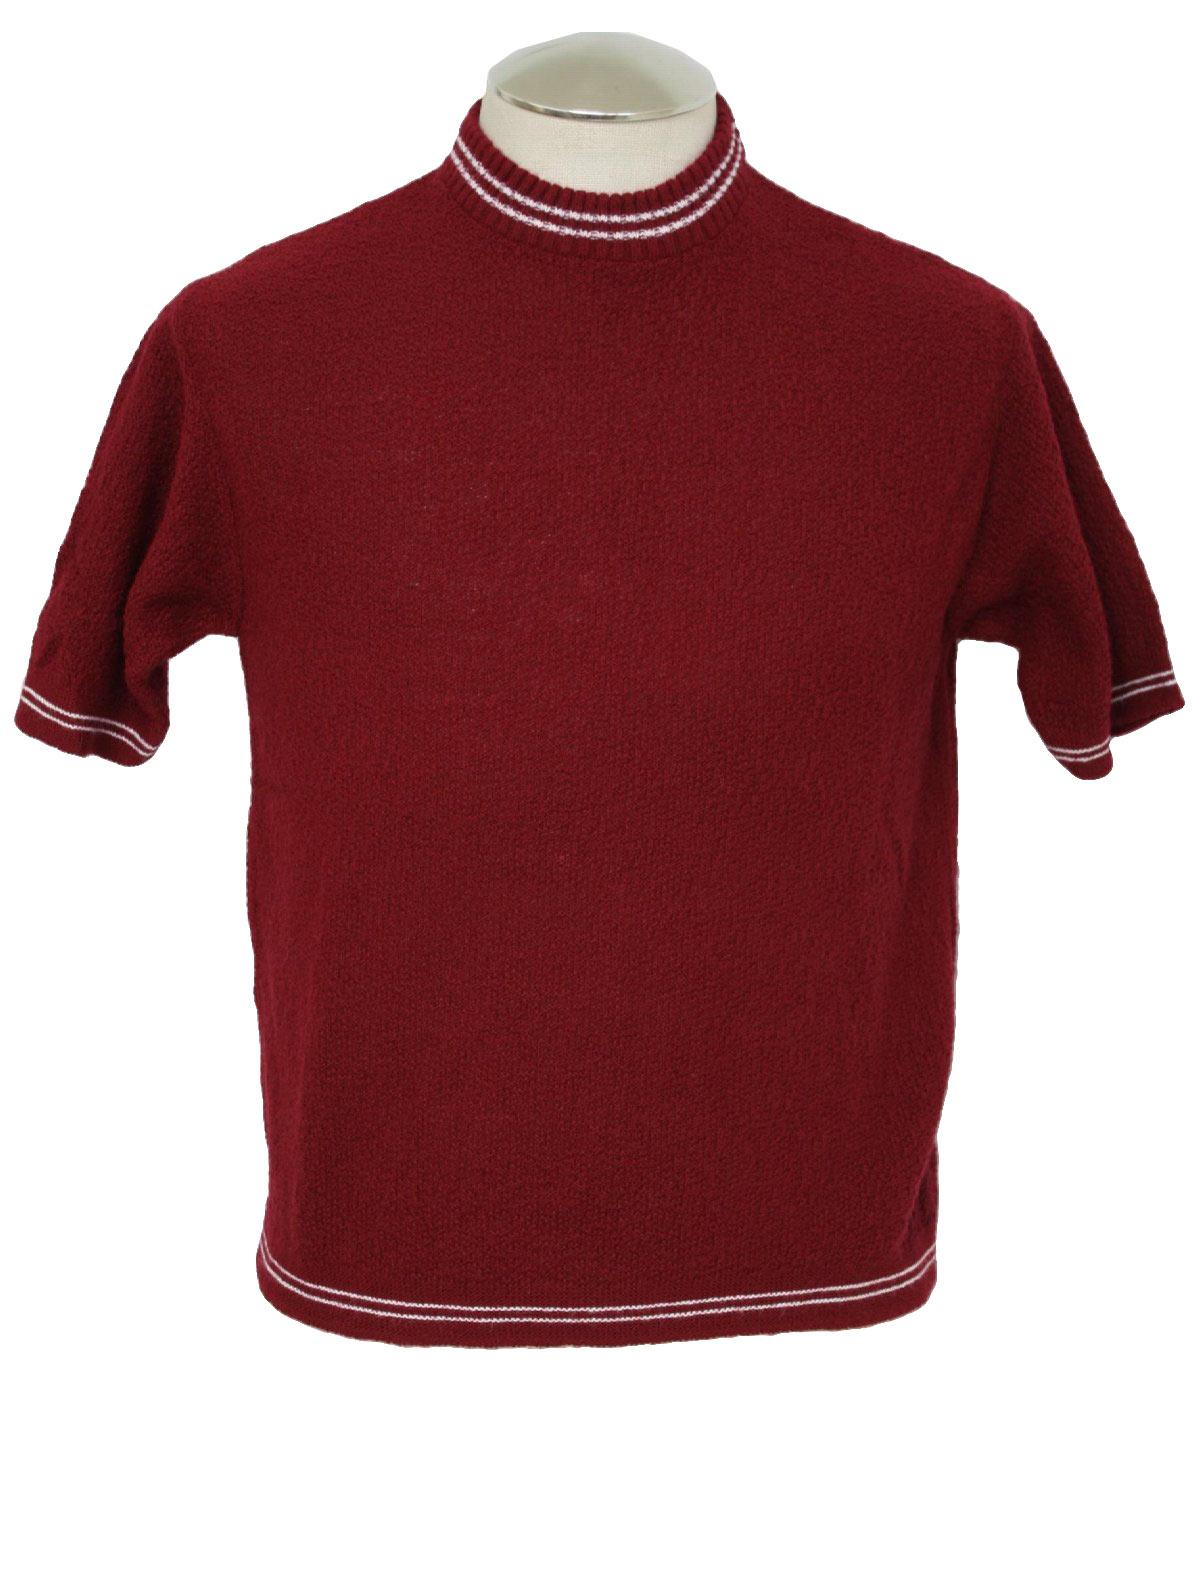 1970 39 s vintage jockey thorobred knit shirt 70s jockey for Jockey full sleeve t shirts india